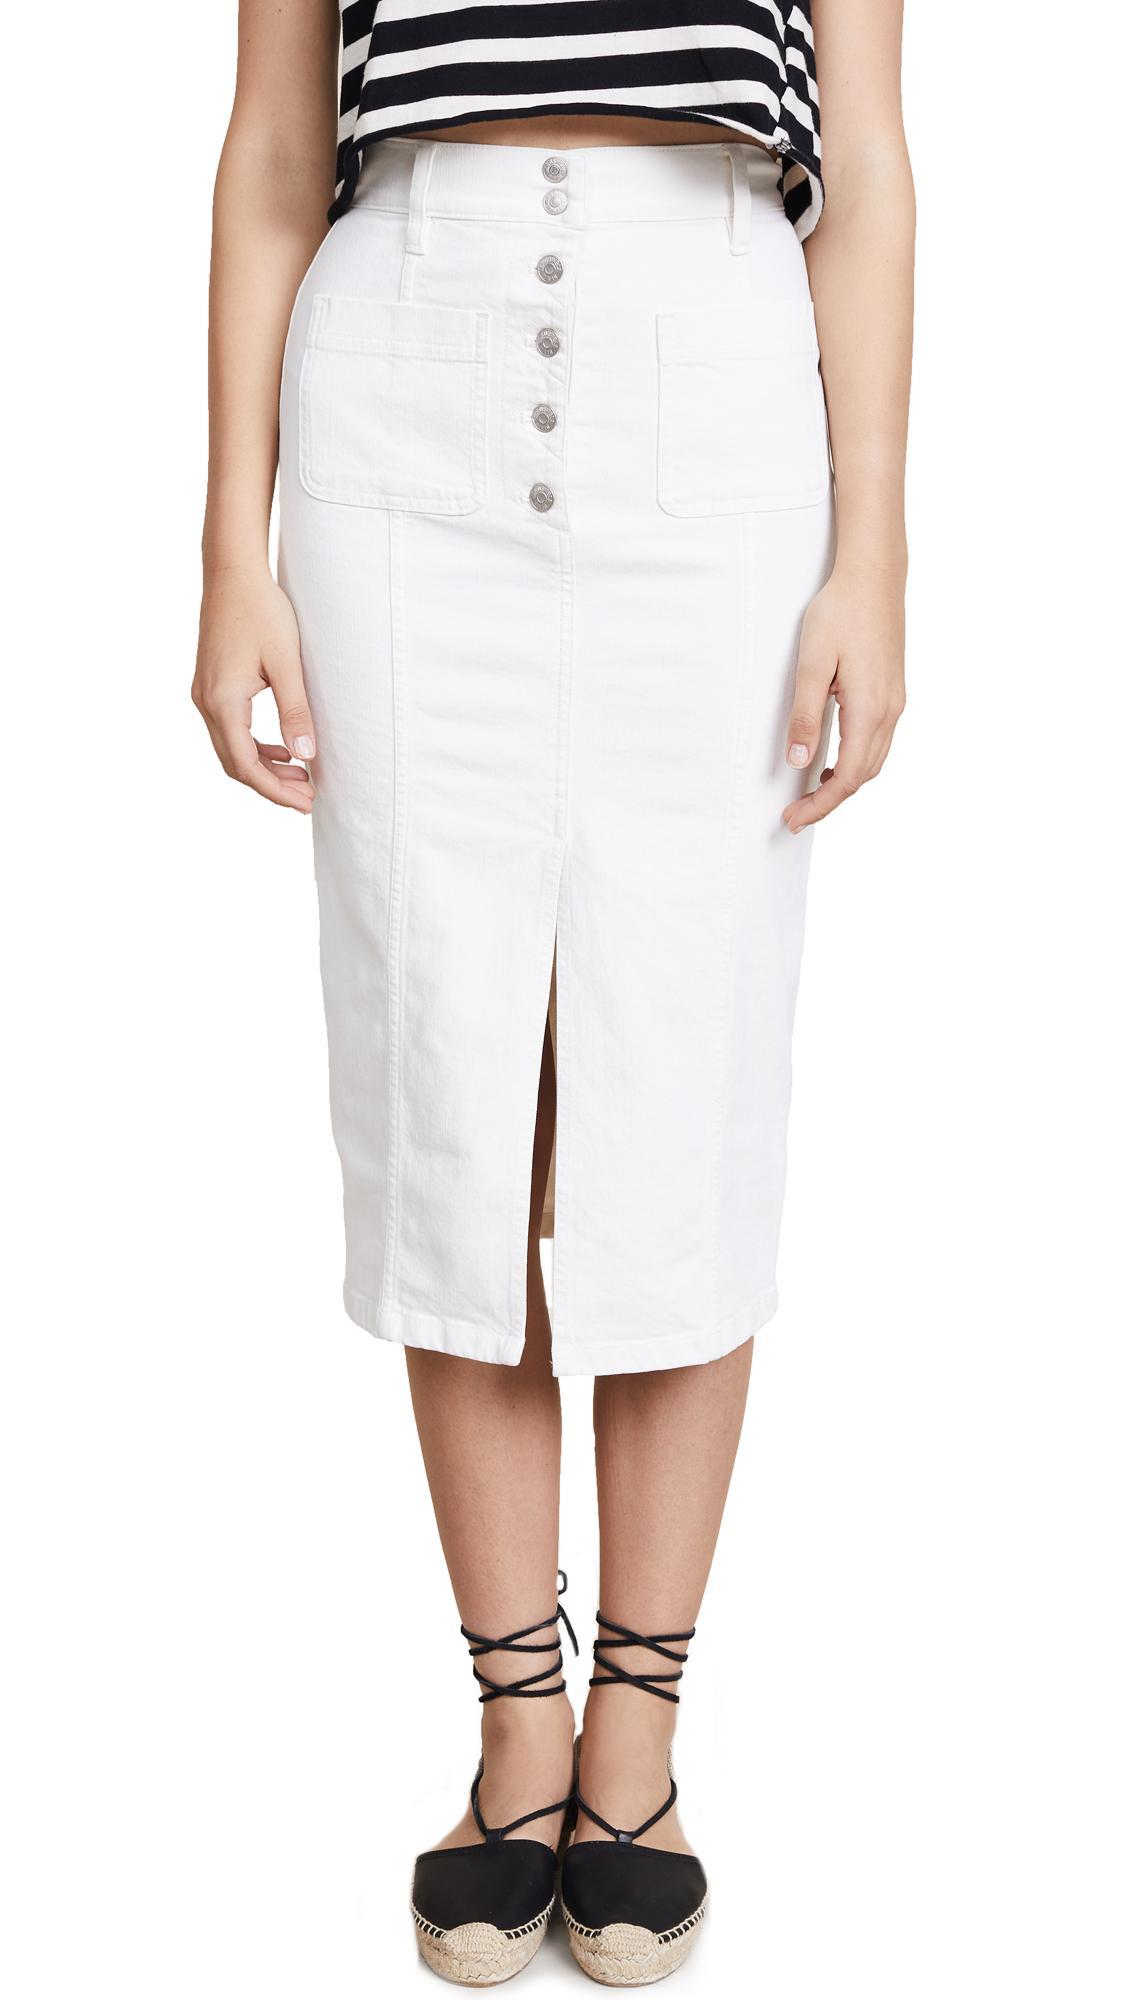 995b3fbe40 Madewell White High Slit Jean Skirt | ModeSens